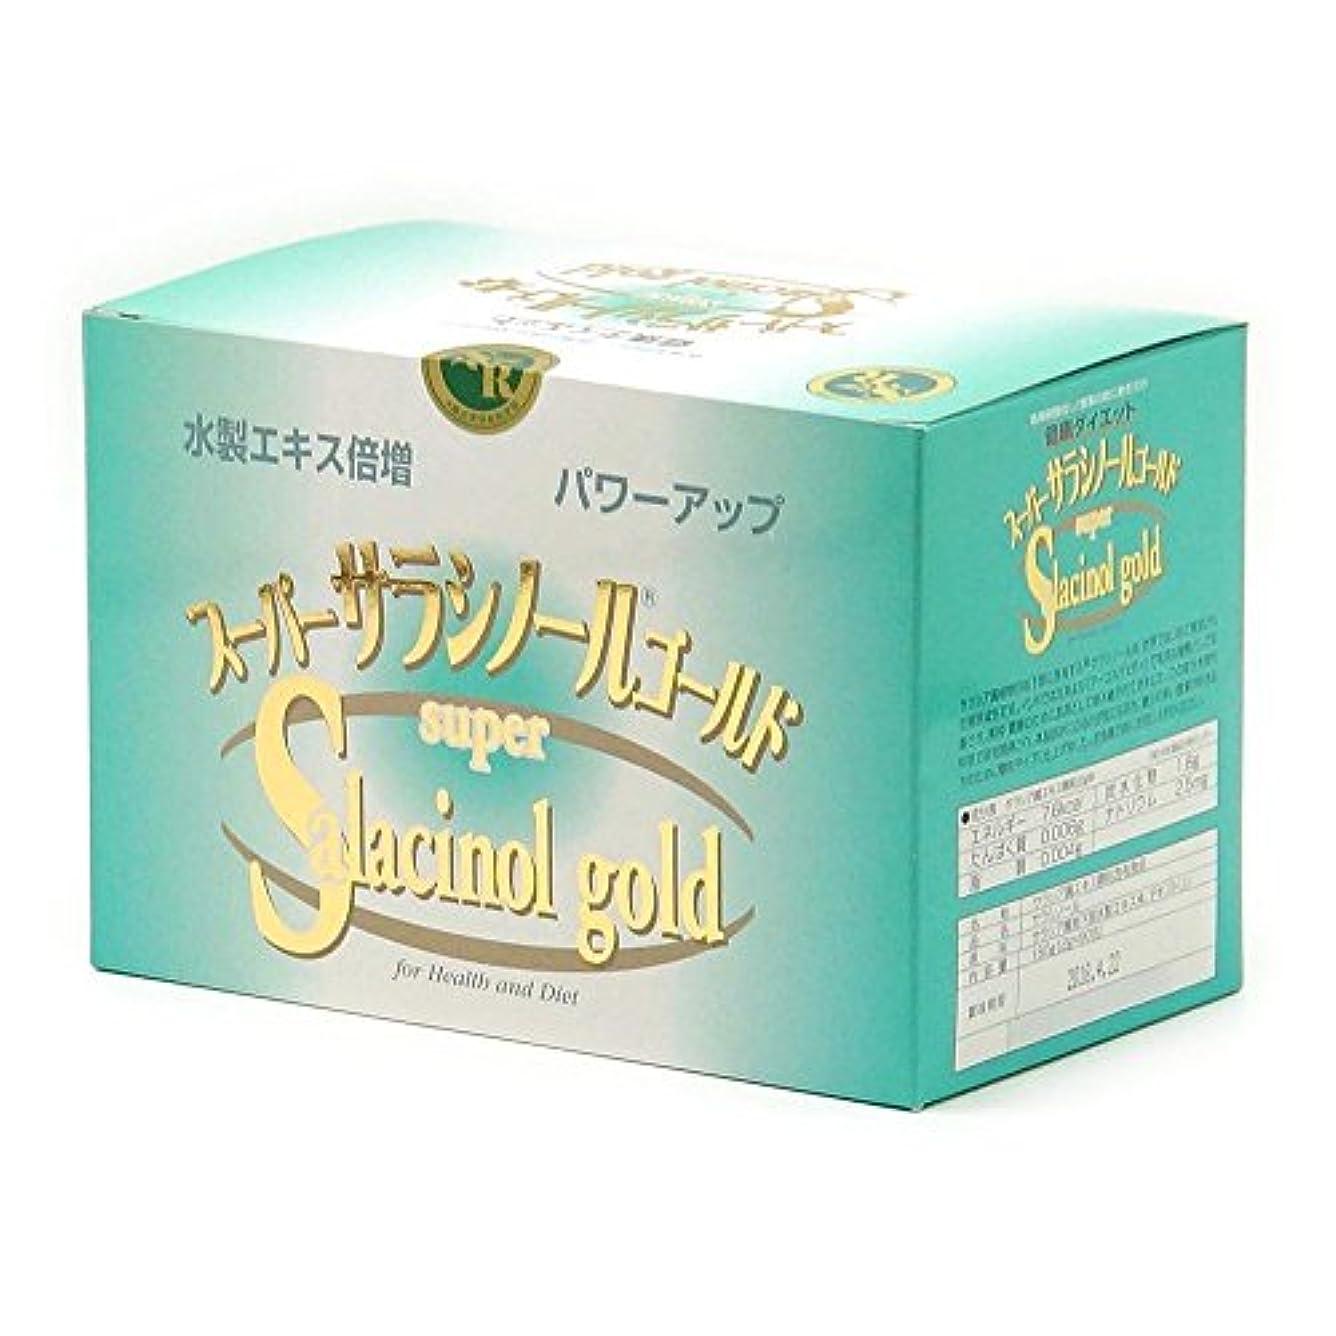 付添人晴れゆるいスーパーサラシノールゴールド 2g×90包×3箱セット